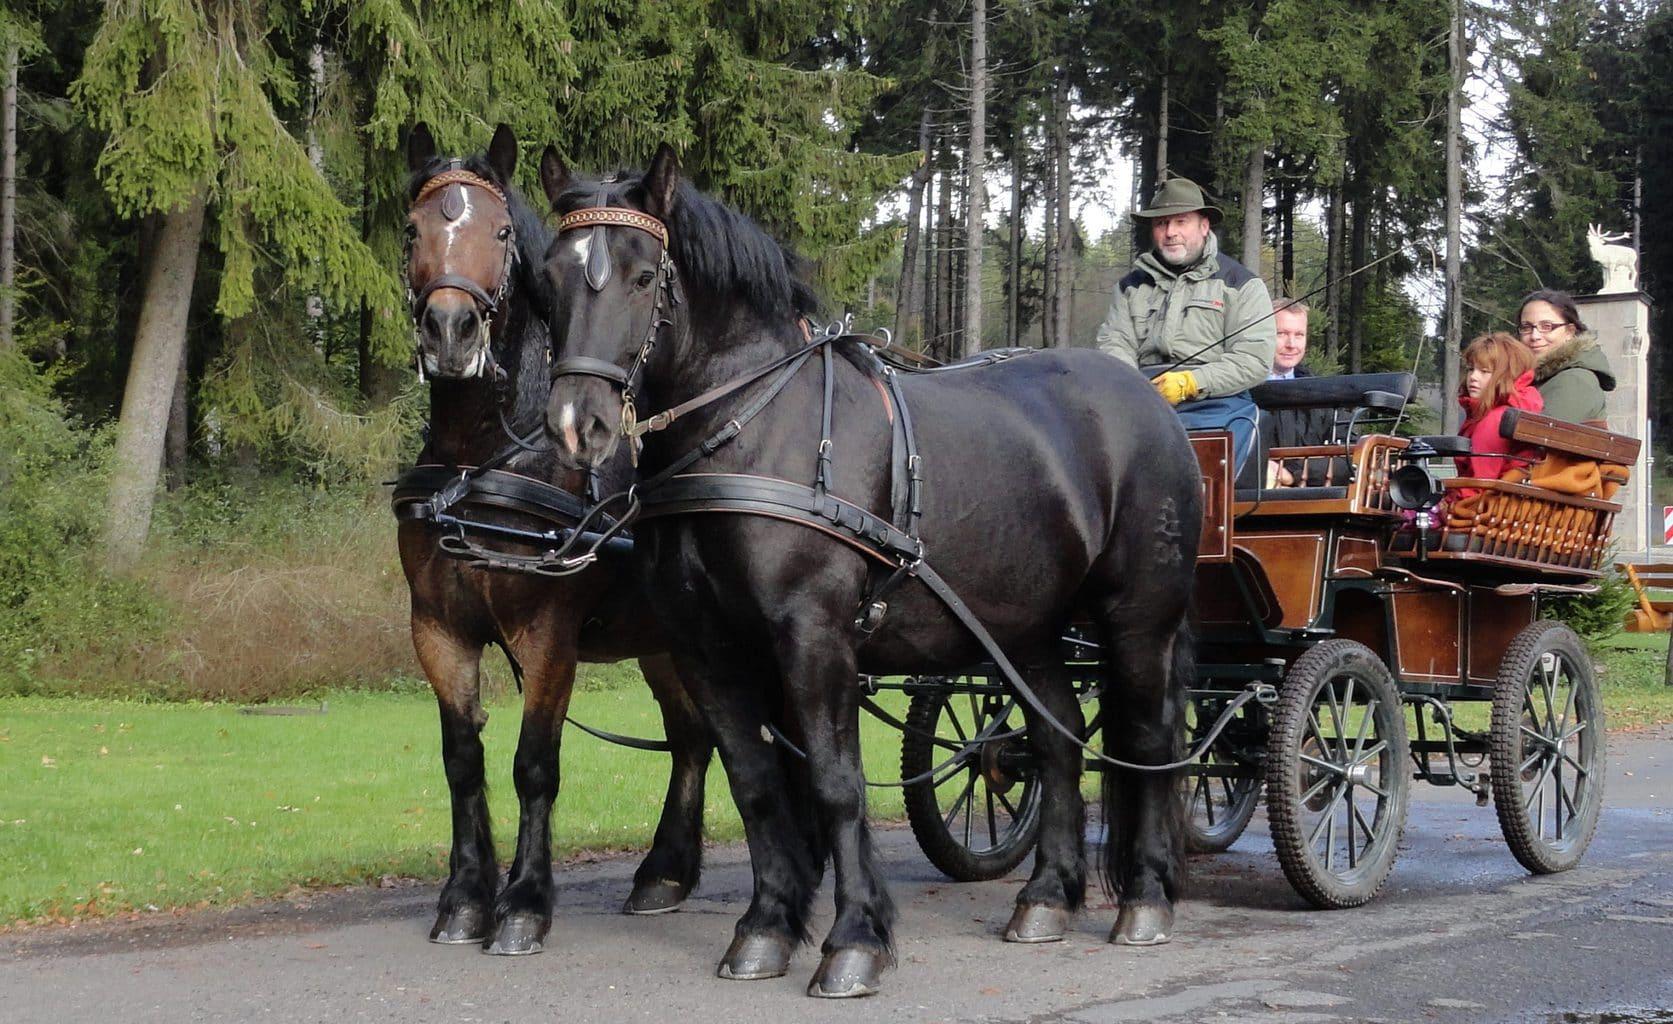 Een paardenkoets in Ilmenau in het Thüringer woud